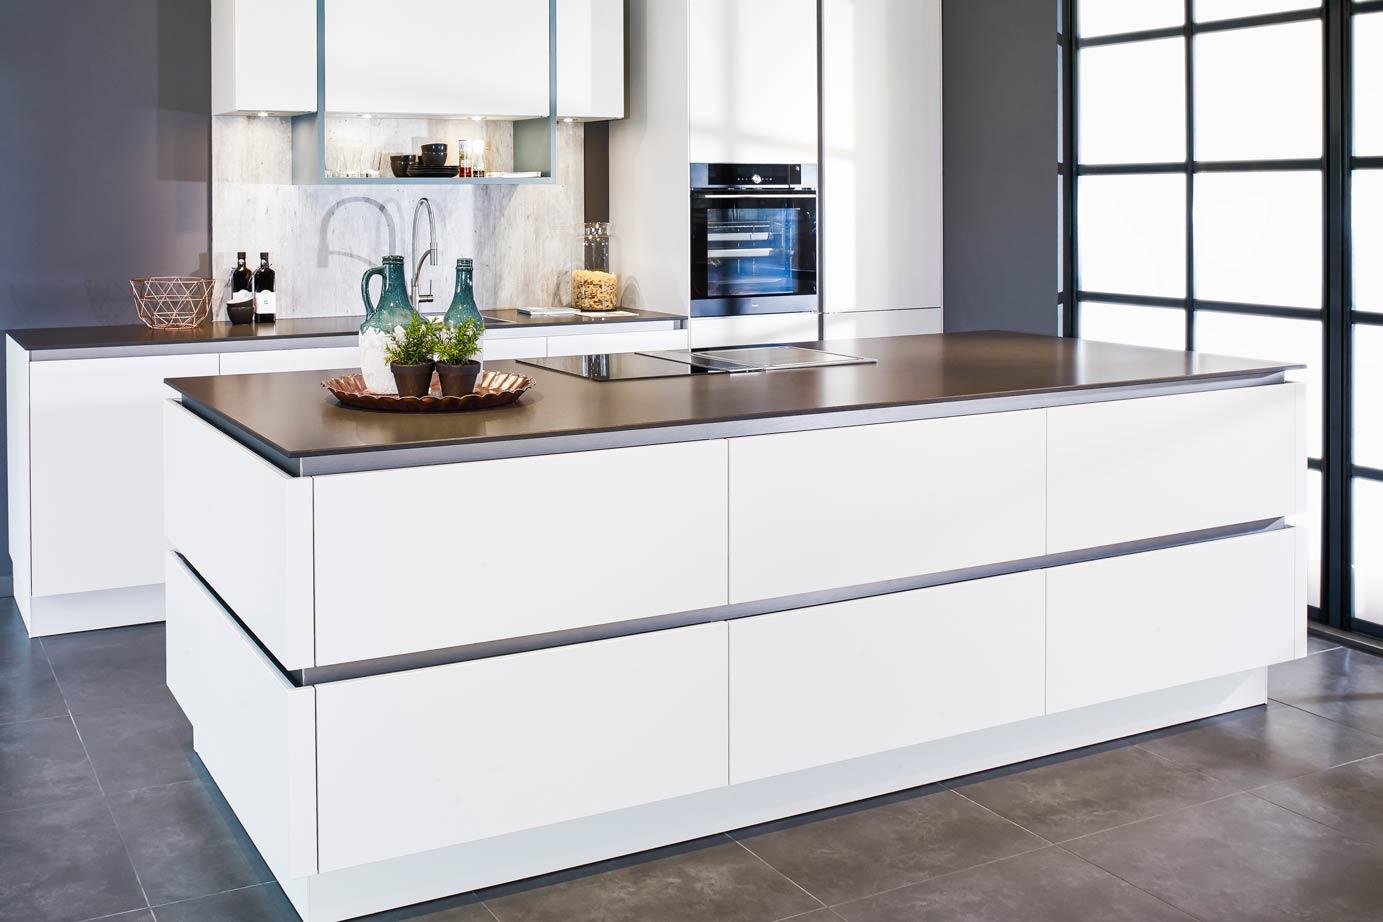 Design Witte Keuken : Witte keukens Ons doel keukens met 'n 9+ Arma